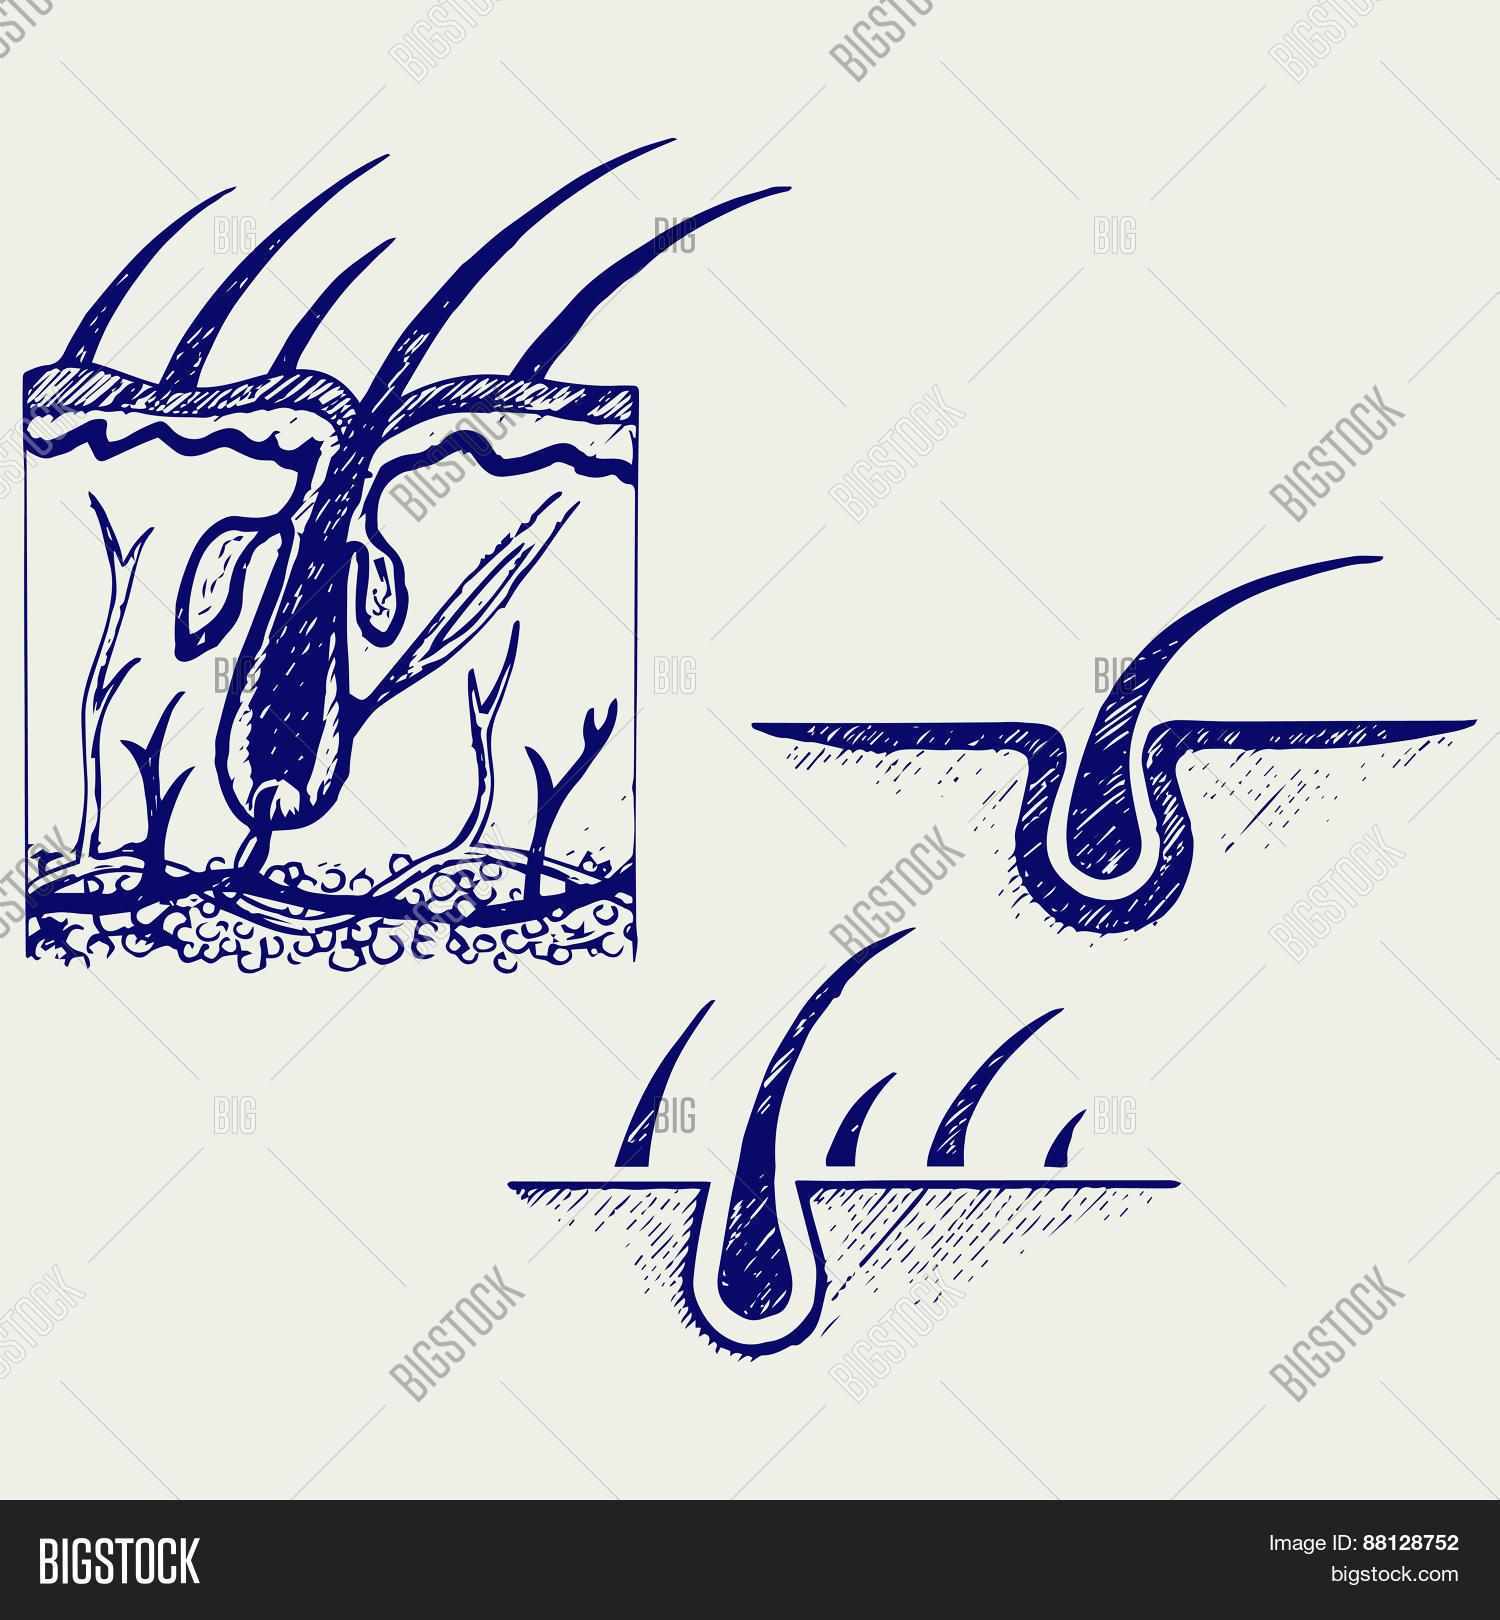 Hair Anatomy Hair Vector & Photo (Free Trial) | Bigstock